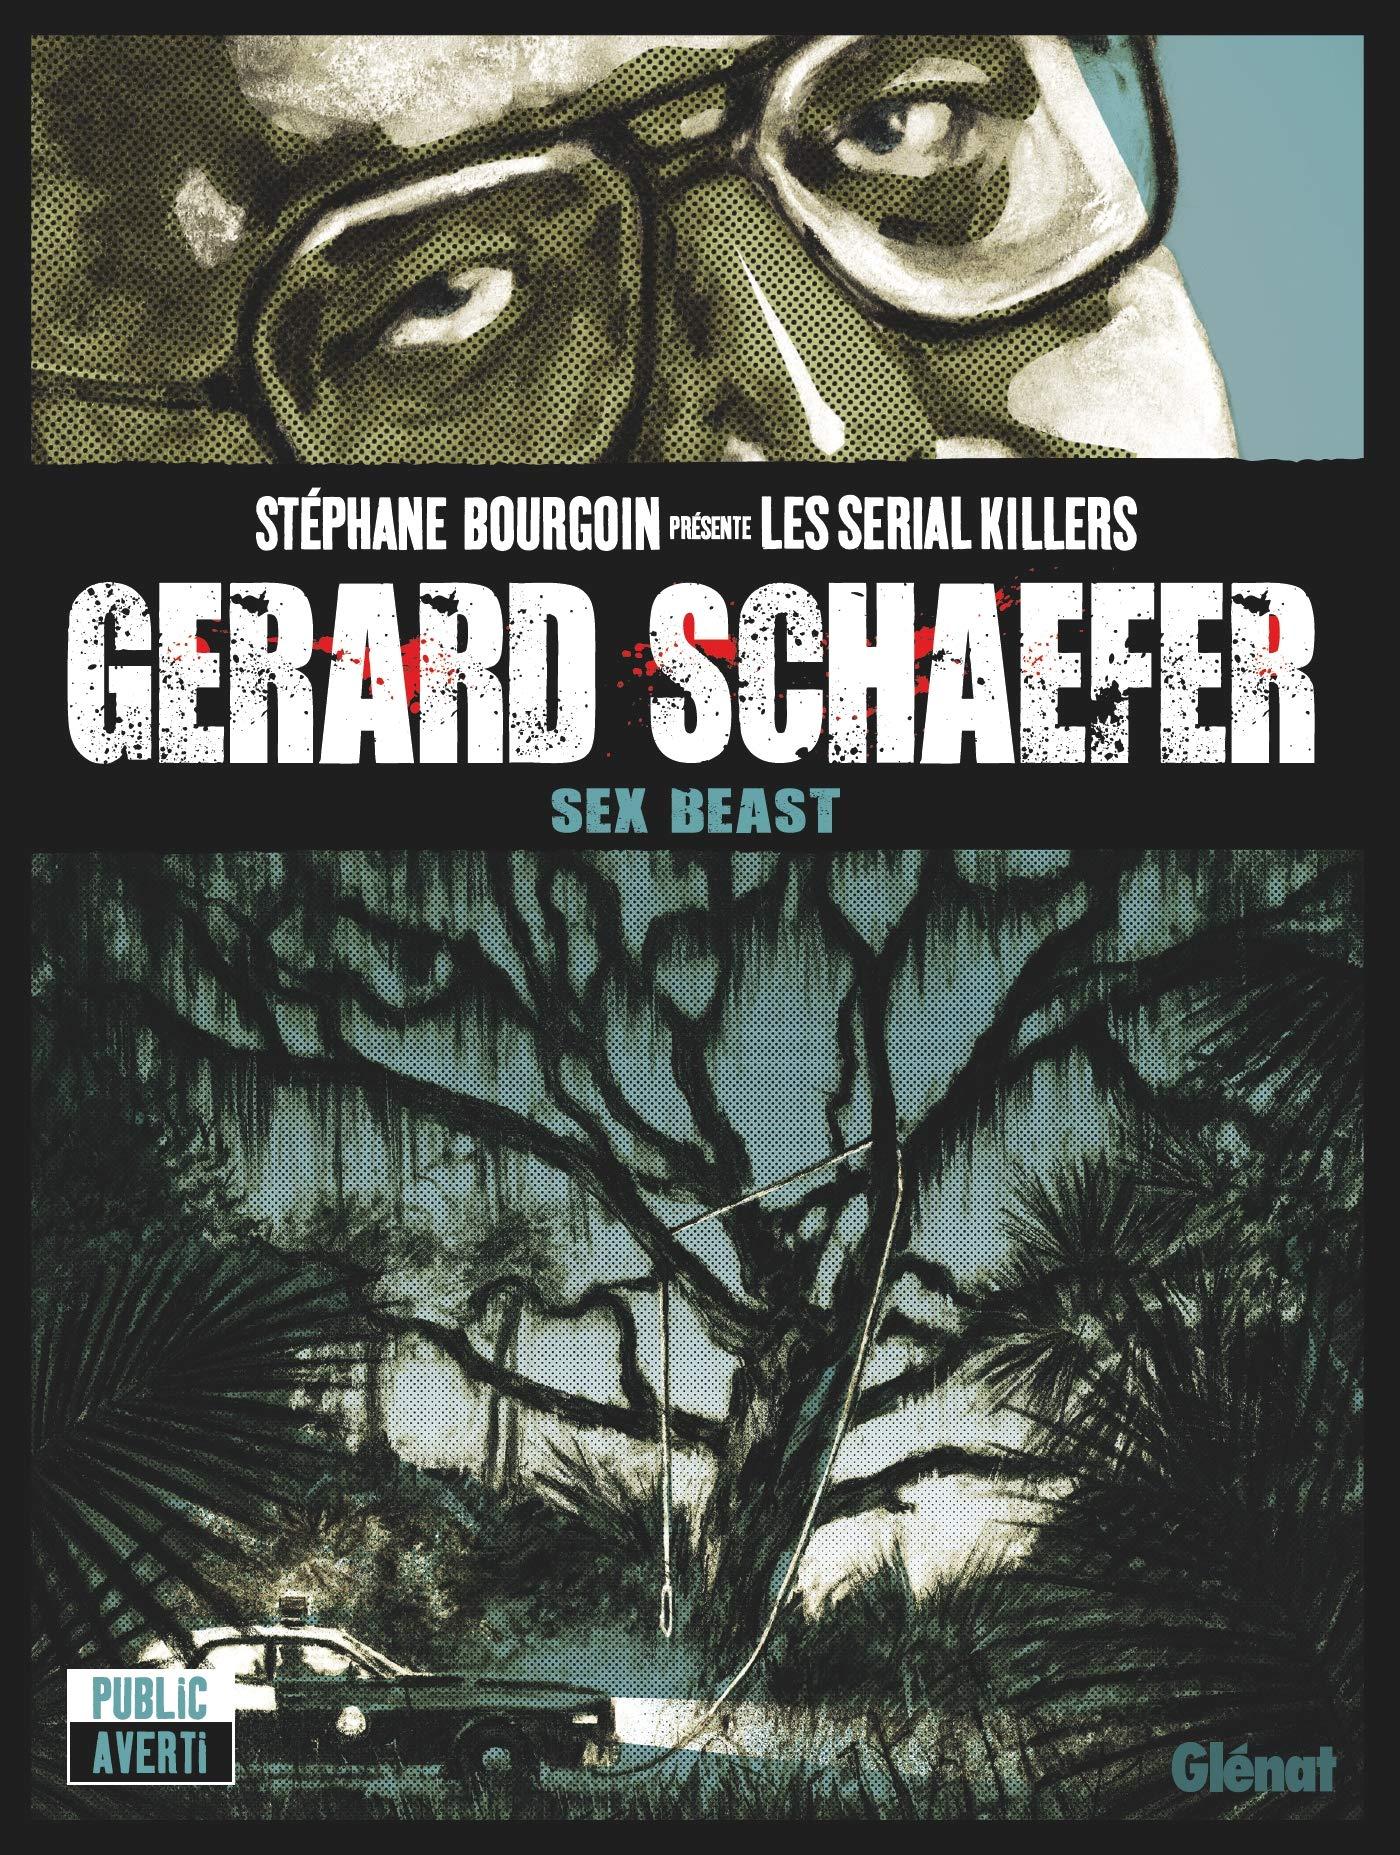 Gerard Schaefer 1 - Sex beast